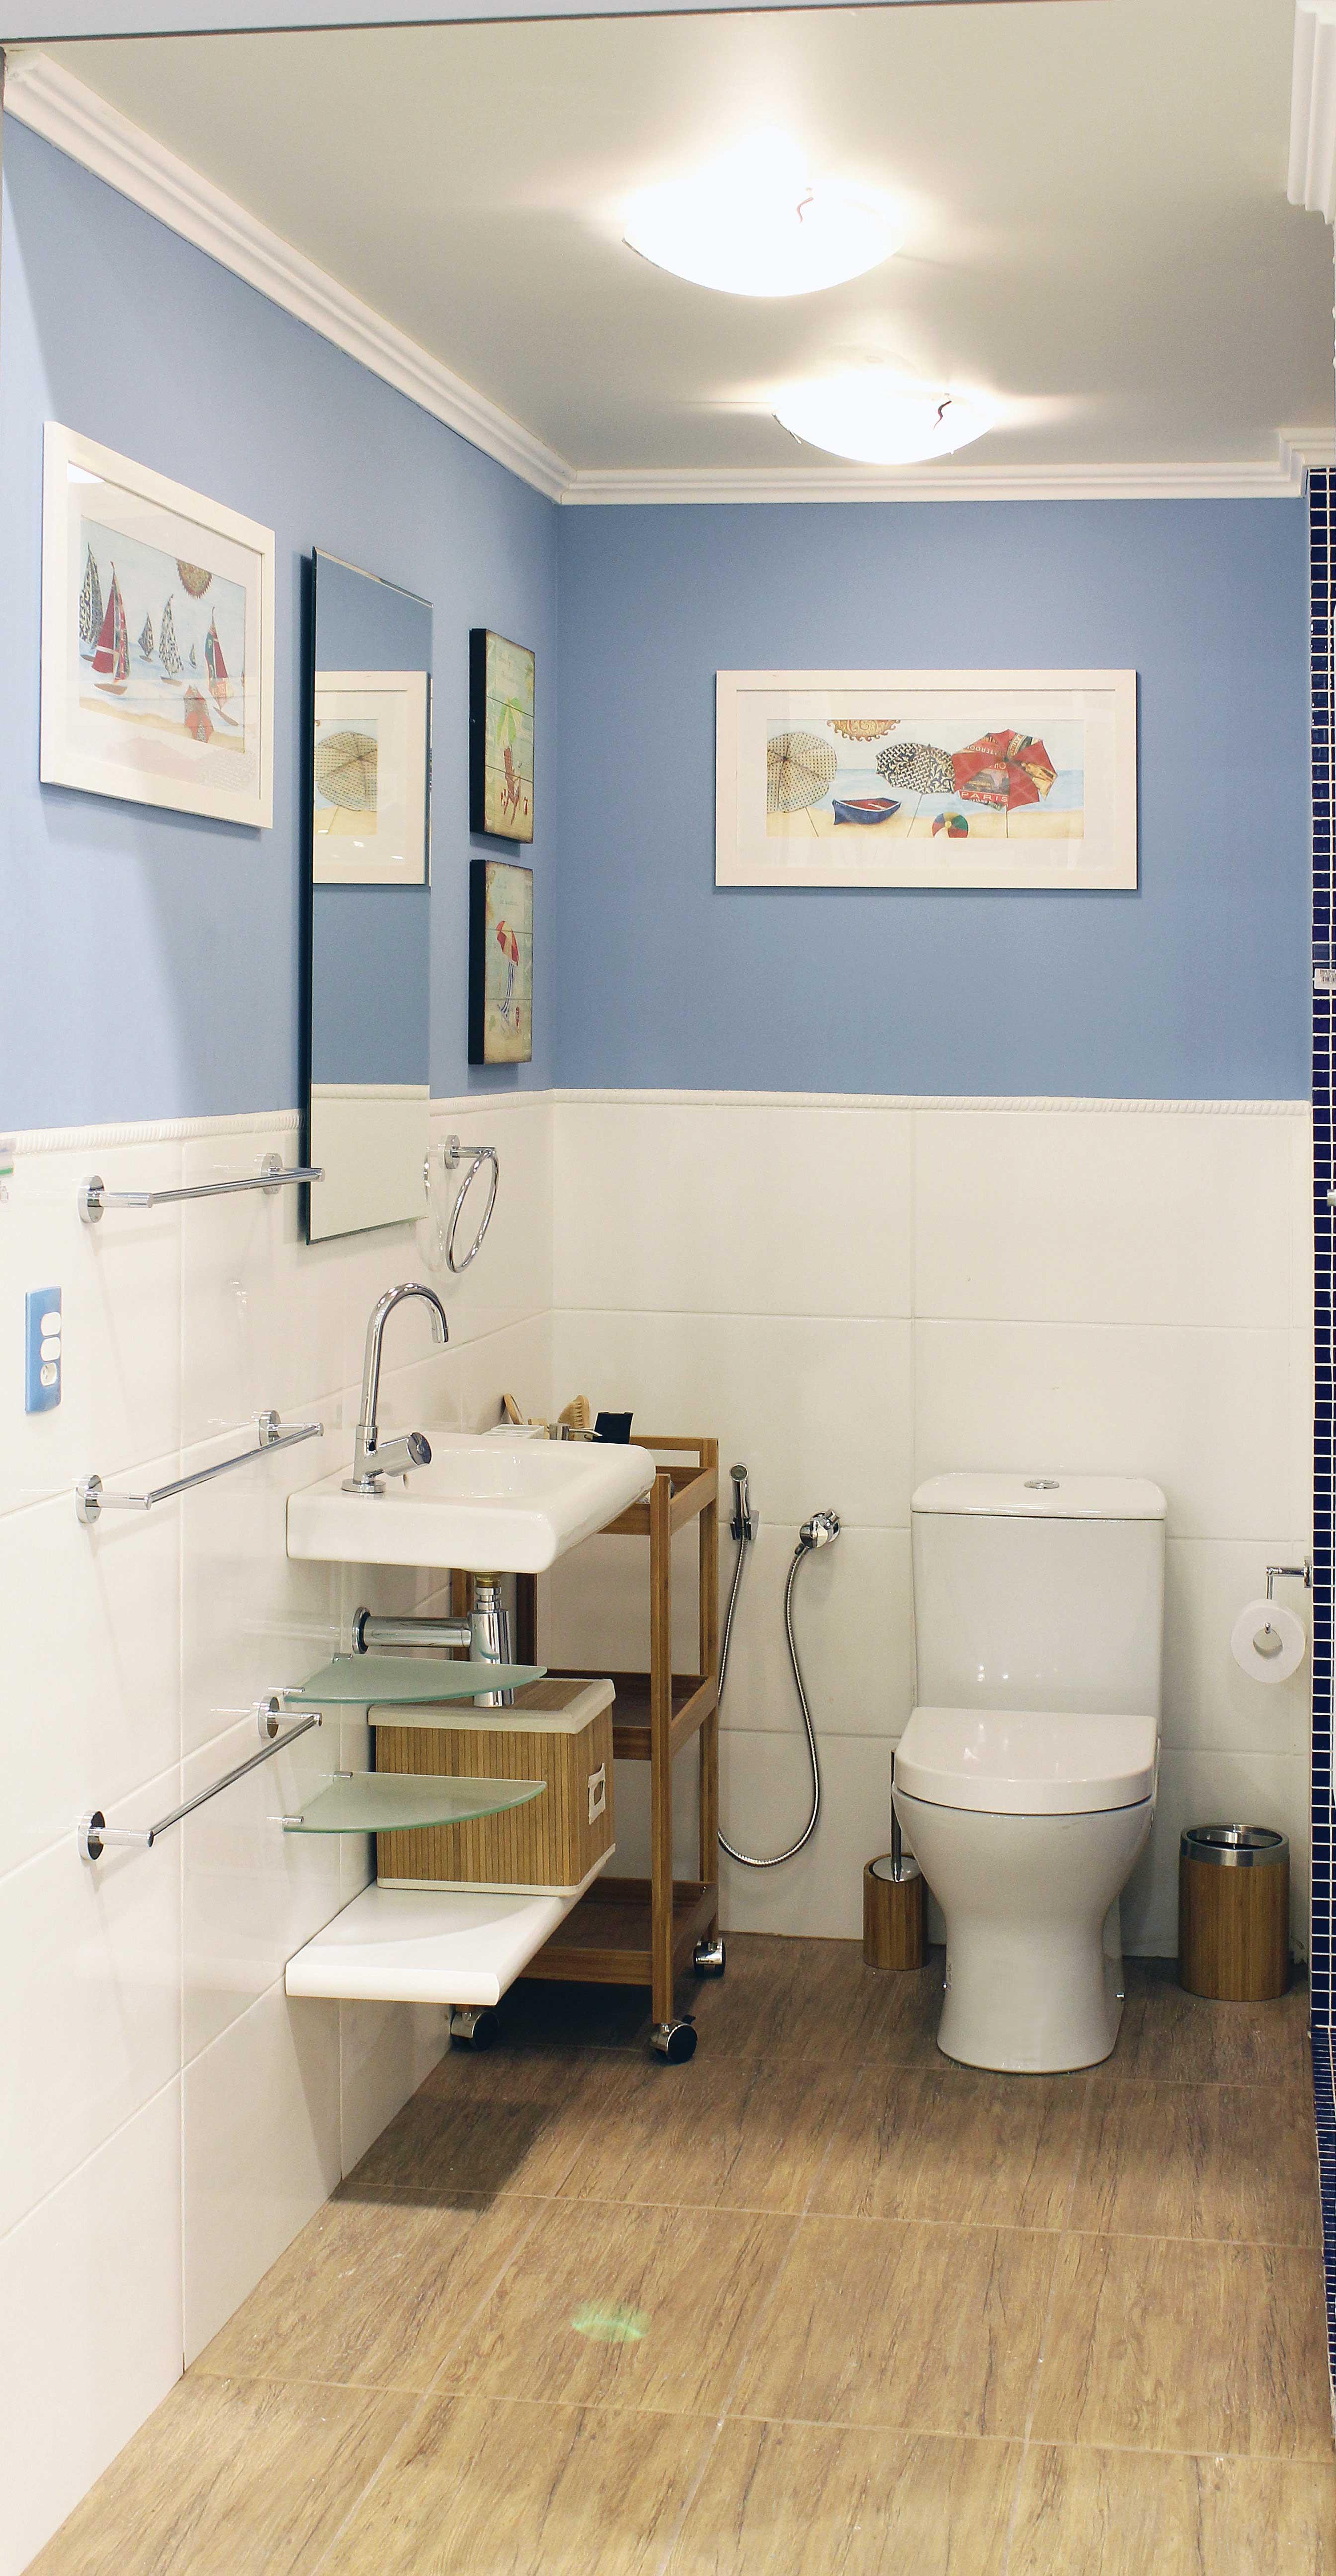 Banheiro pequeno decorado leroy merlin - Fotos de pisos decorados ...